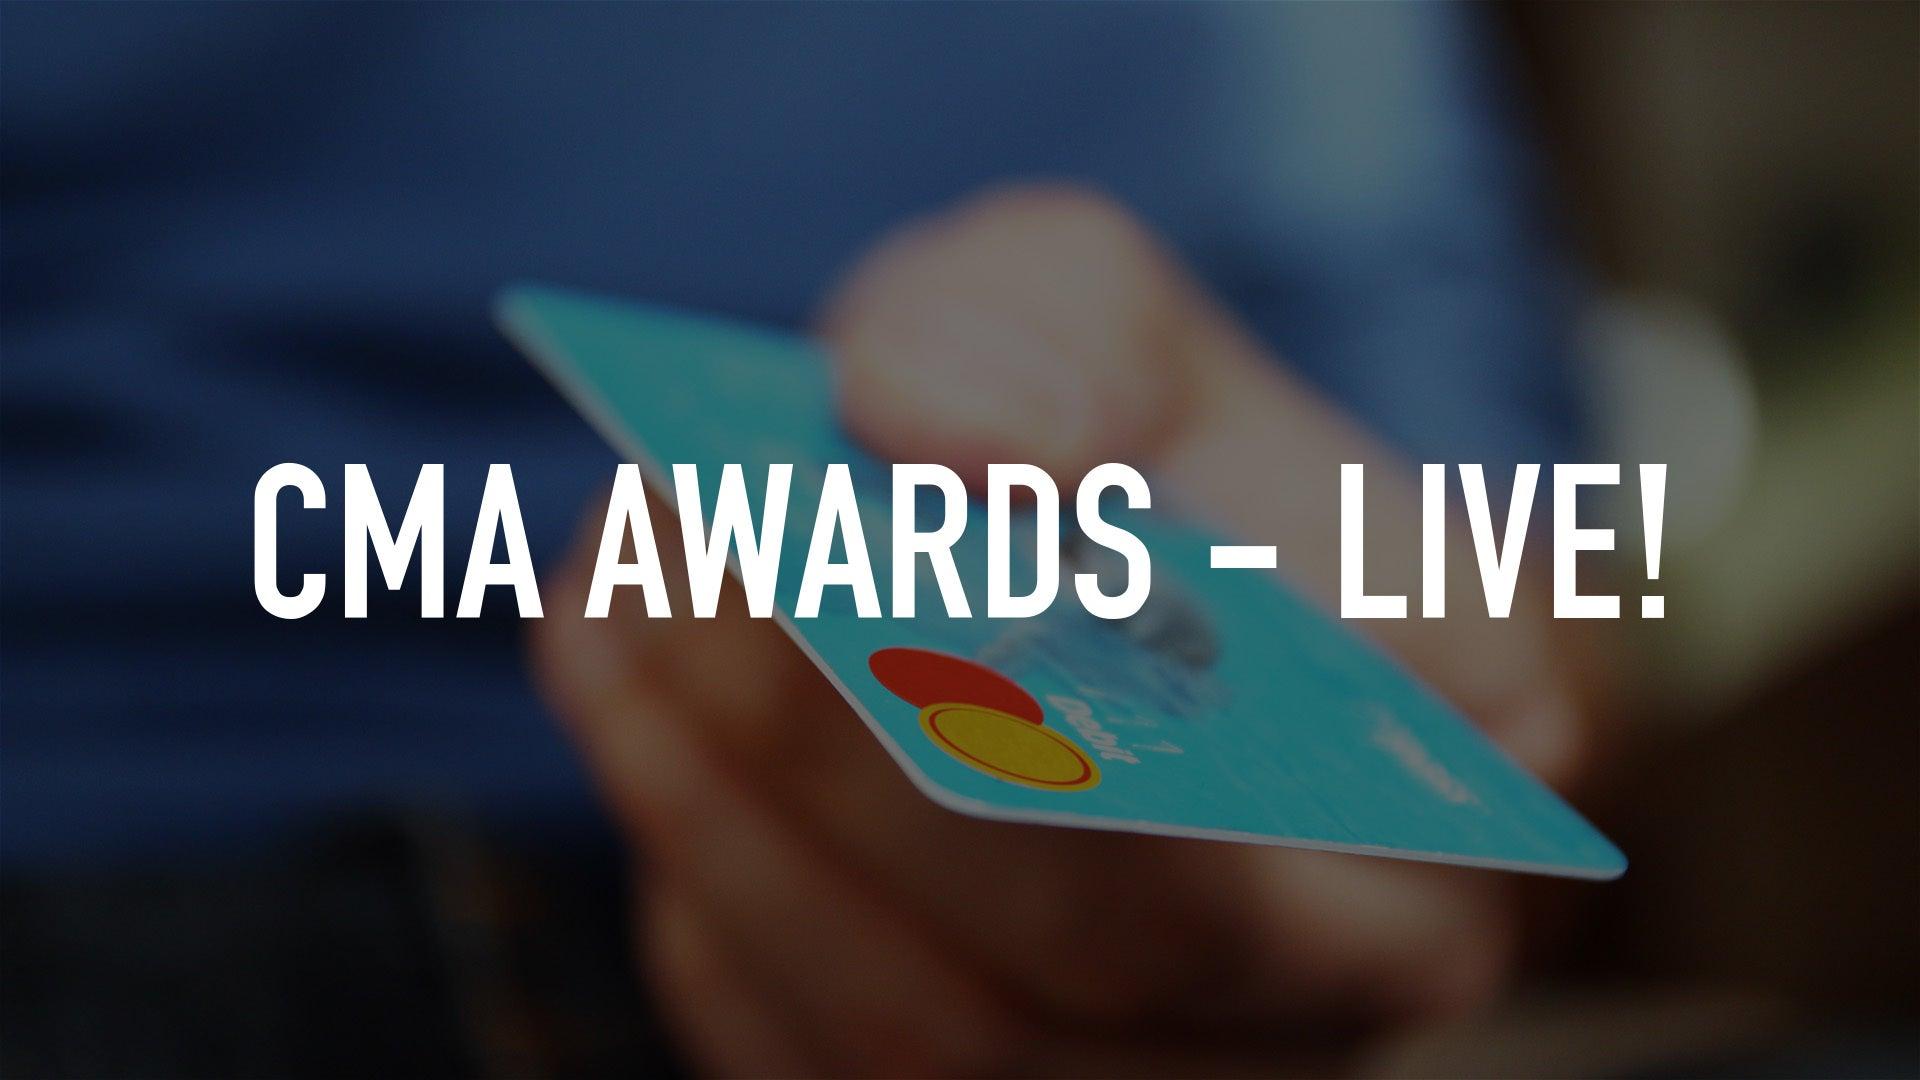 CMA Awards - Live!